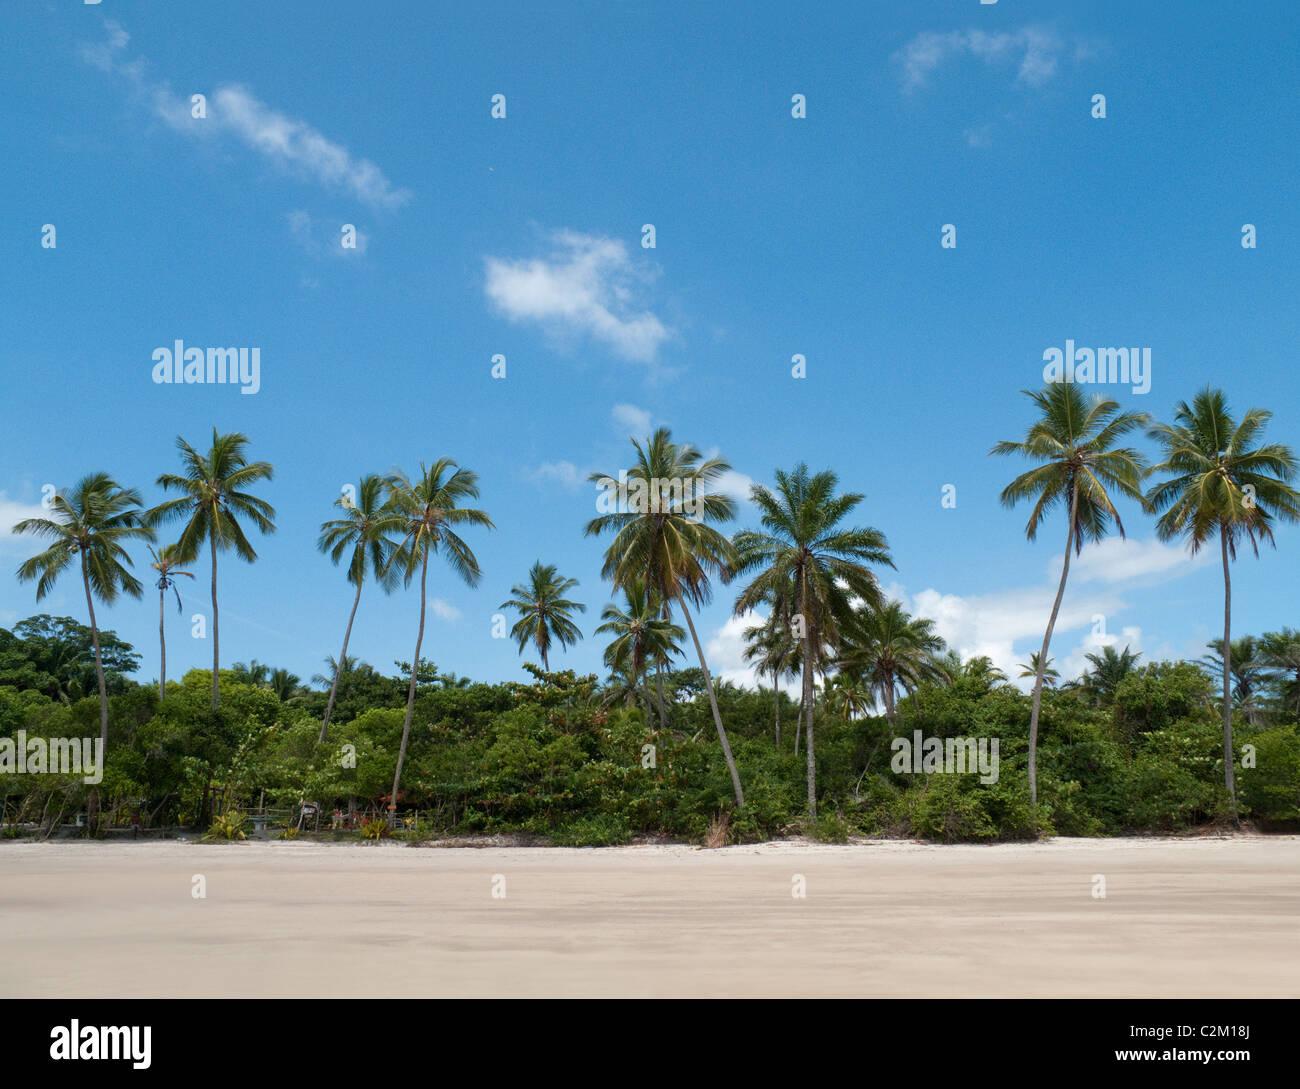 Palmiers sur la plage, l'île de Boipeba, Bahia, Brésil Banque D'Images